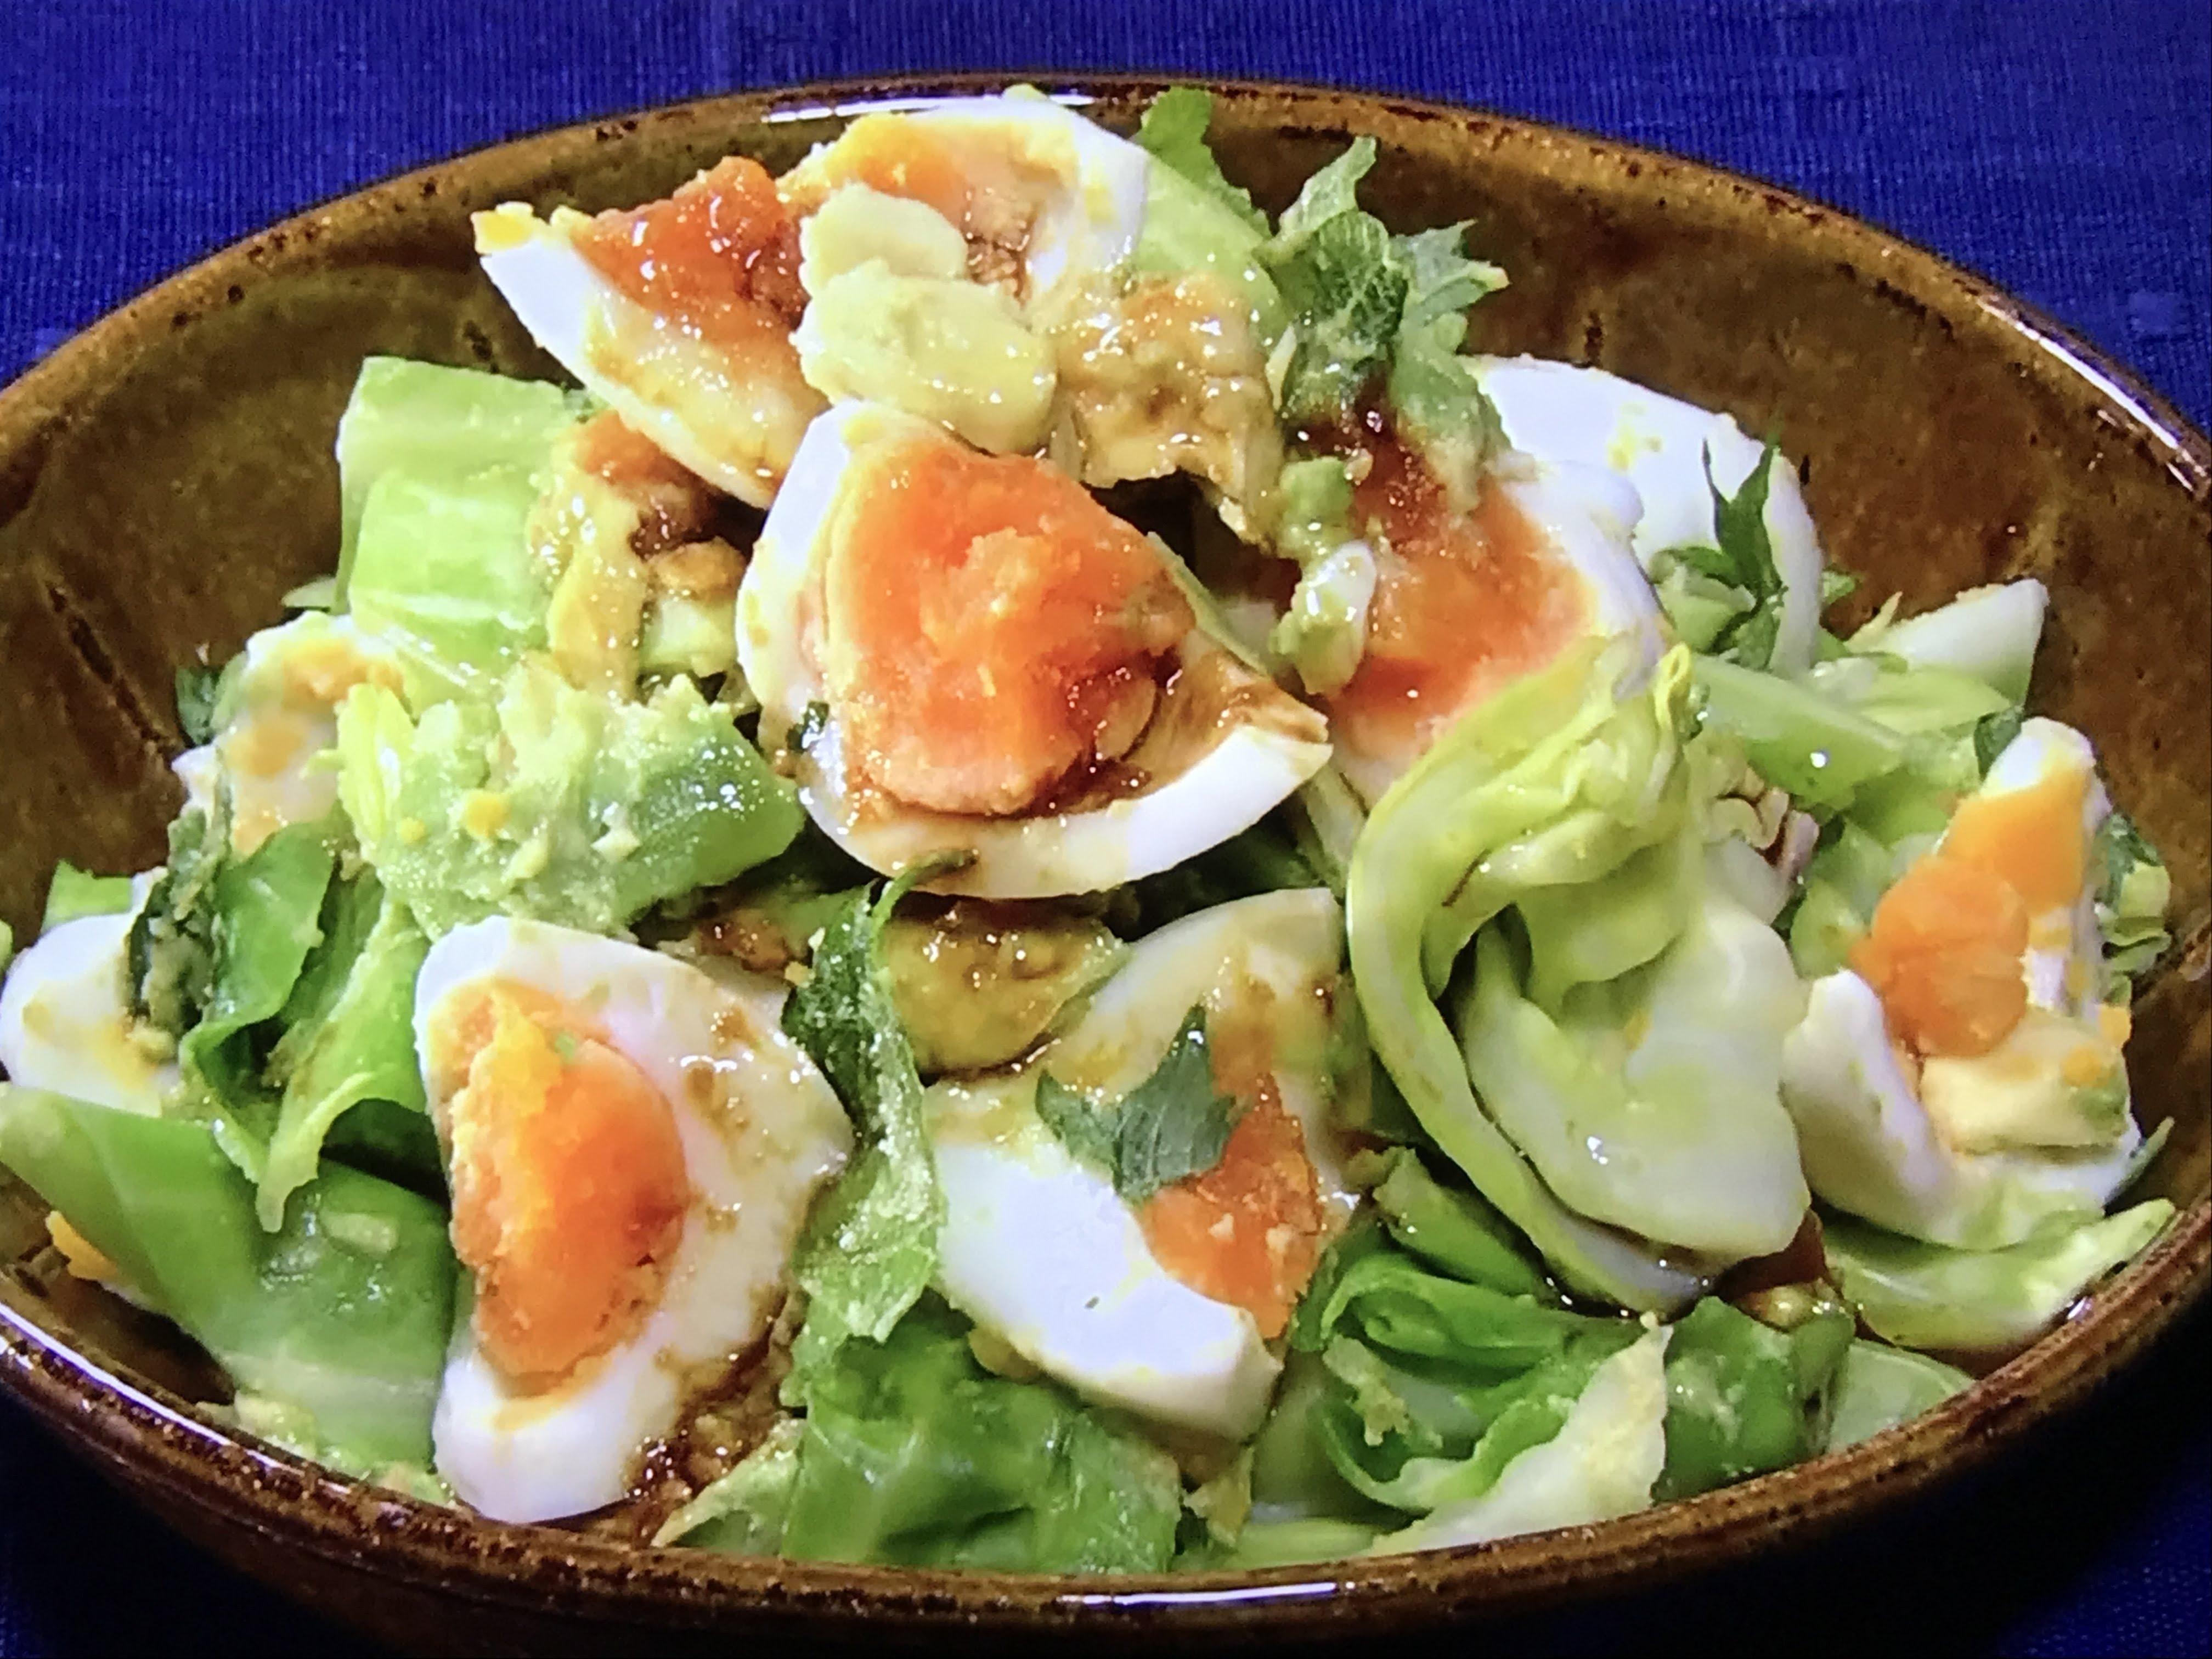 アボカド 卵 サラダ リピート必至!「アボカド×卵」のサラダレシピ